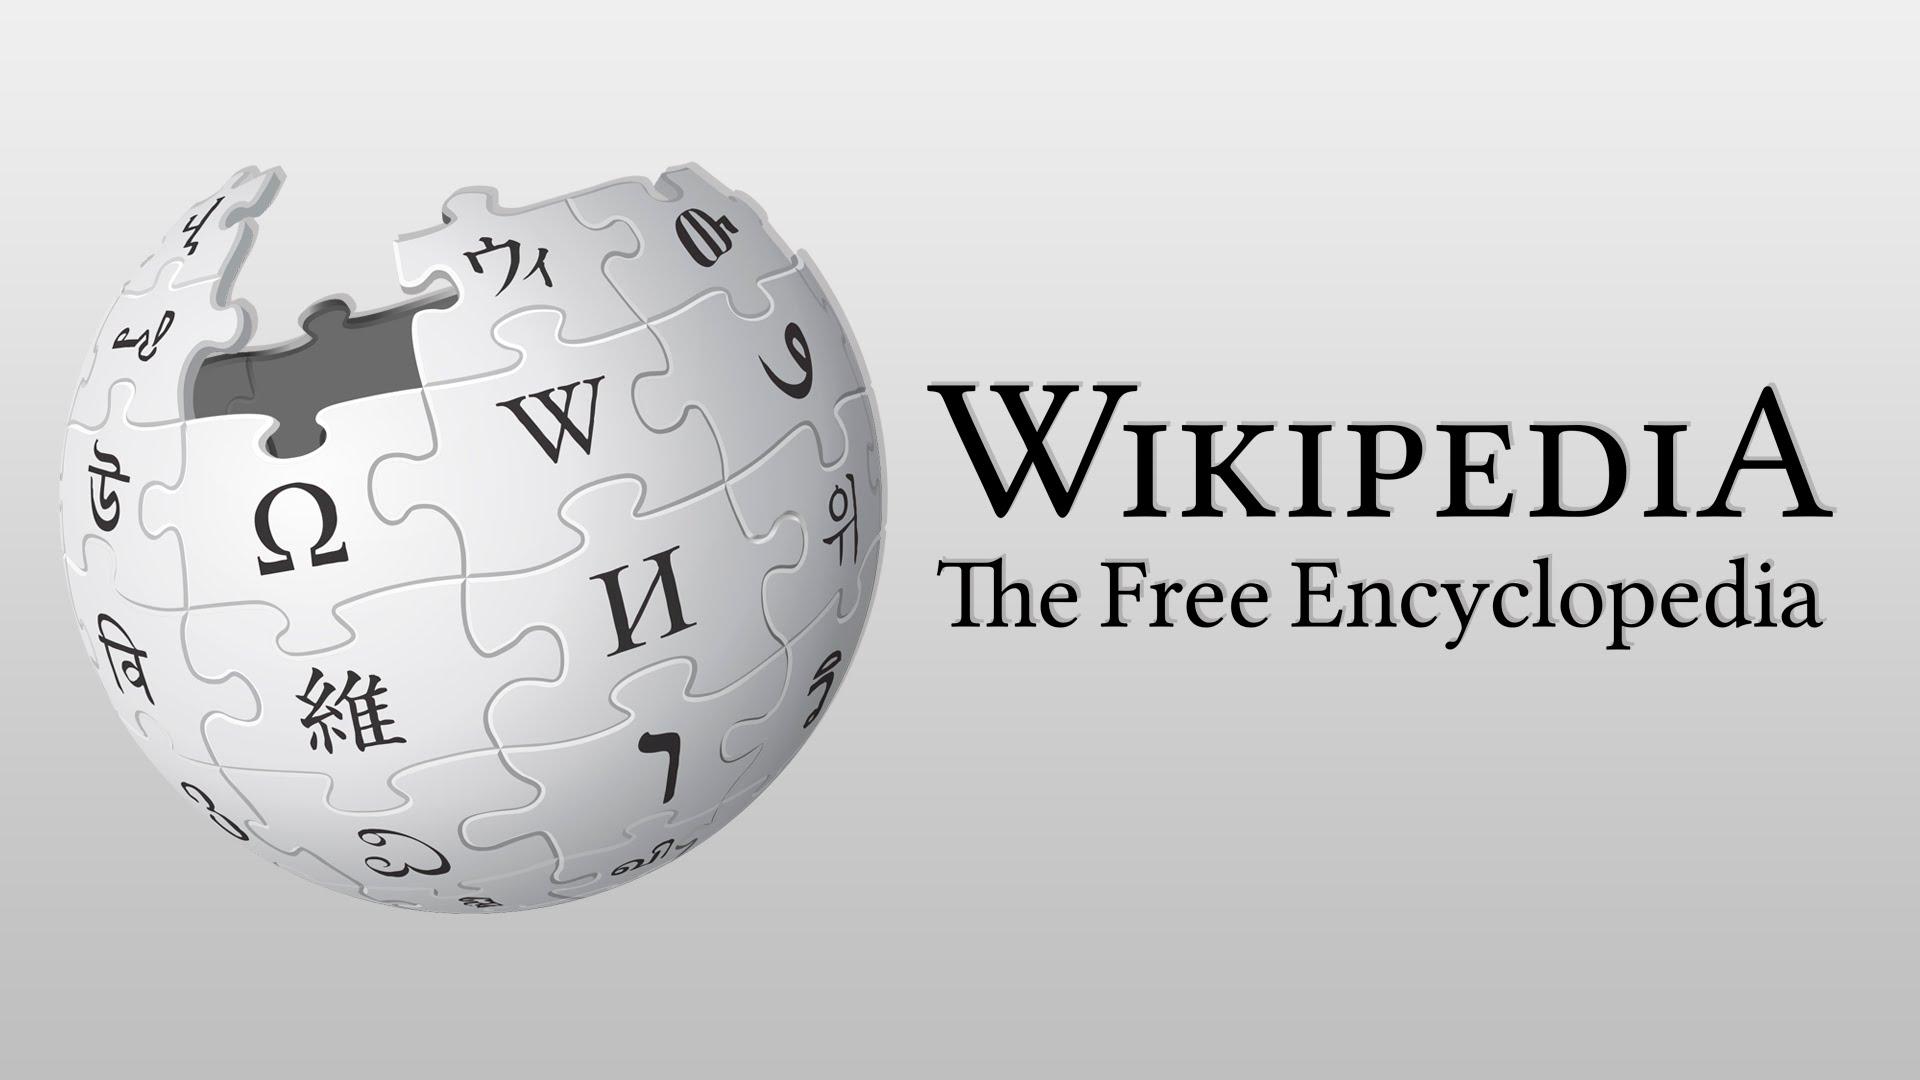 Wikipedia Ne Zaman Açılacak | Wikipedia'nın Kapatılmasının Nedeni